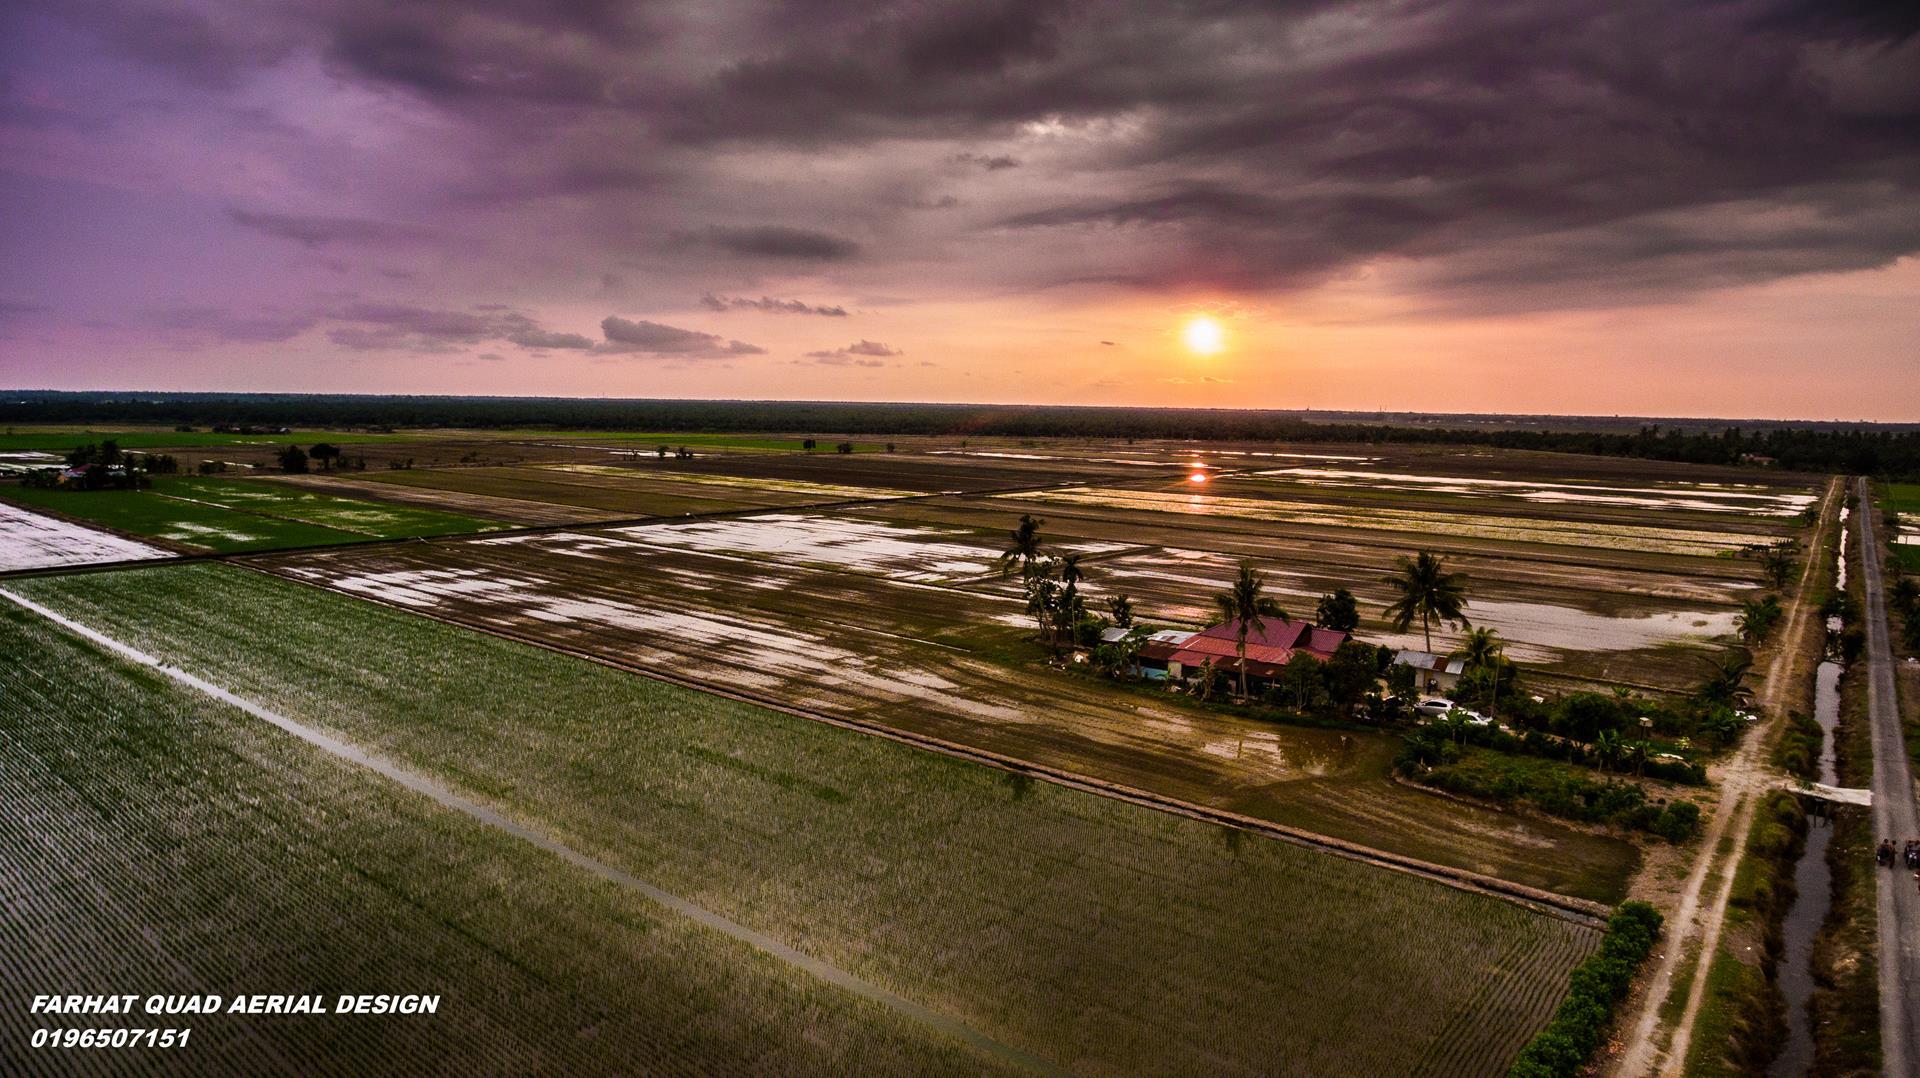 Permandangan sawah aerial fotografi